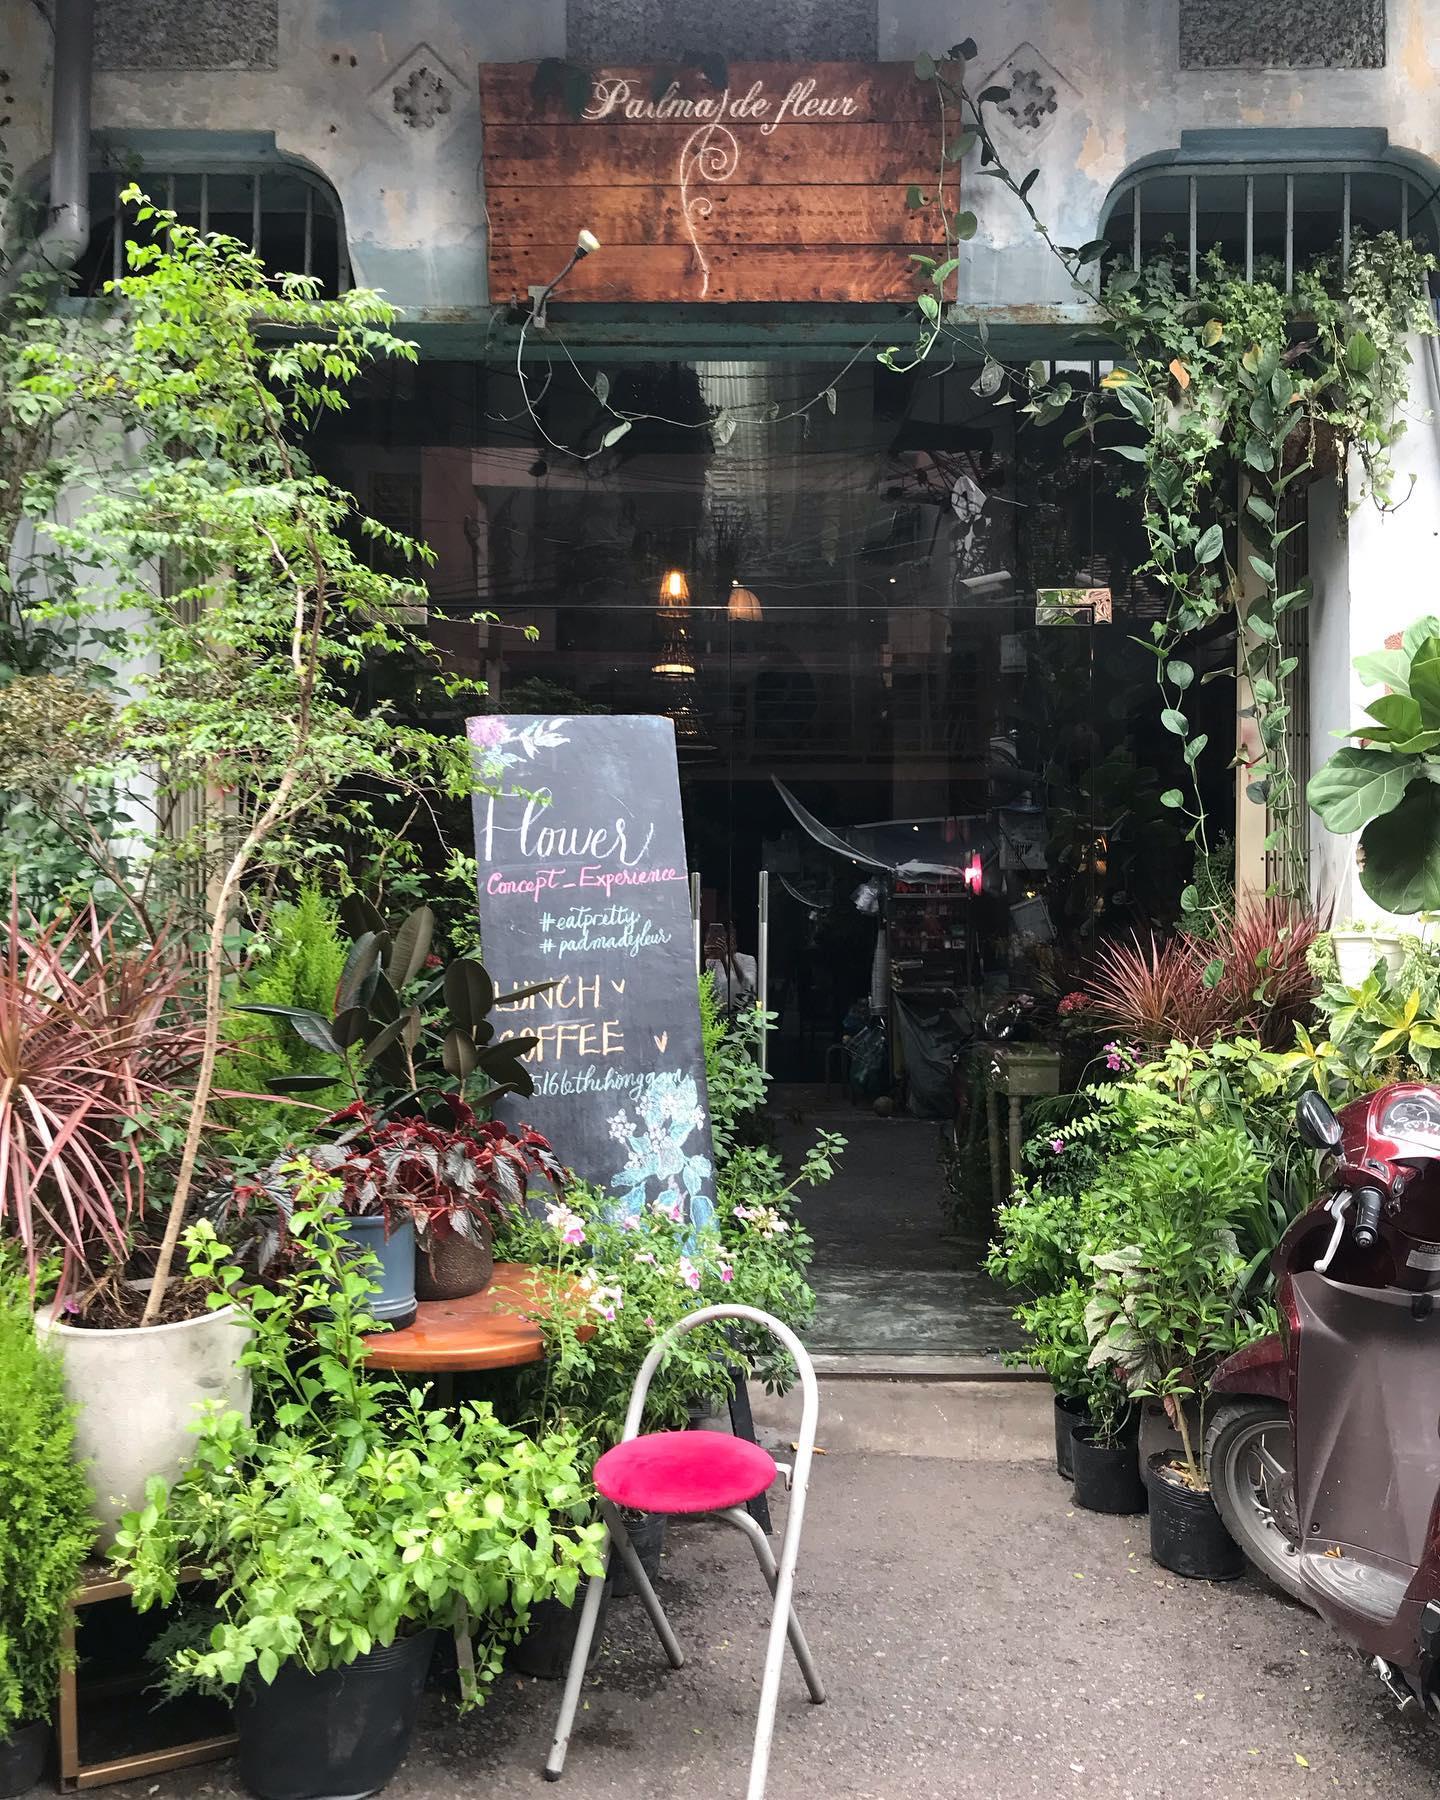 sai-gon-cafe-padma-de-fleur-sai-gon-6